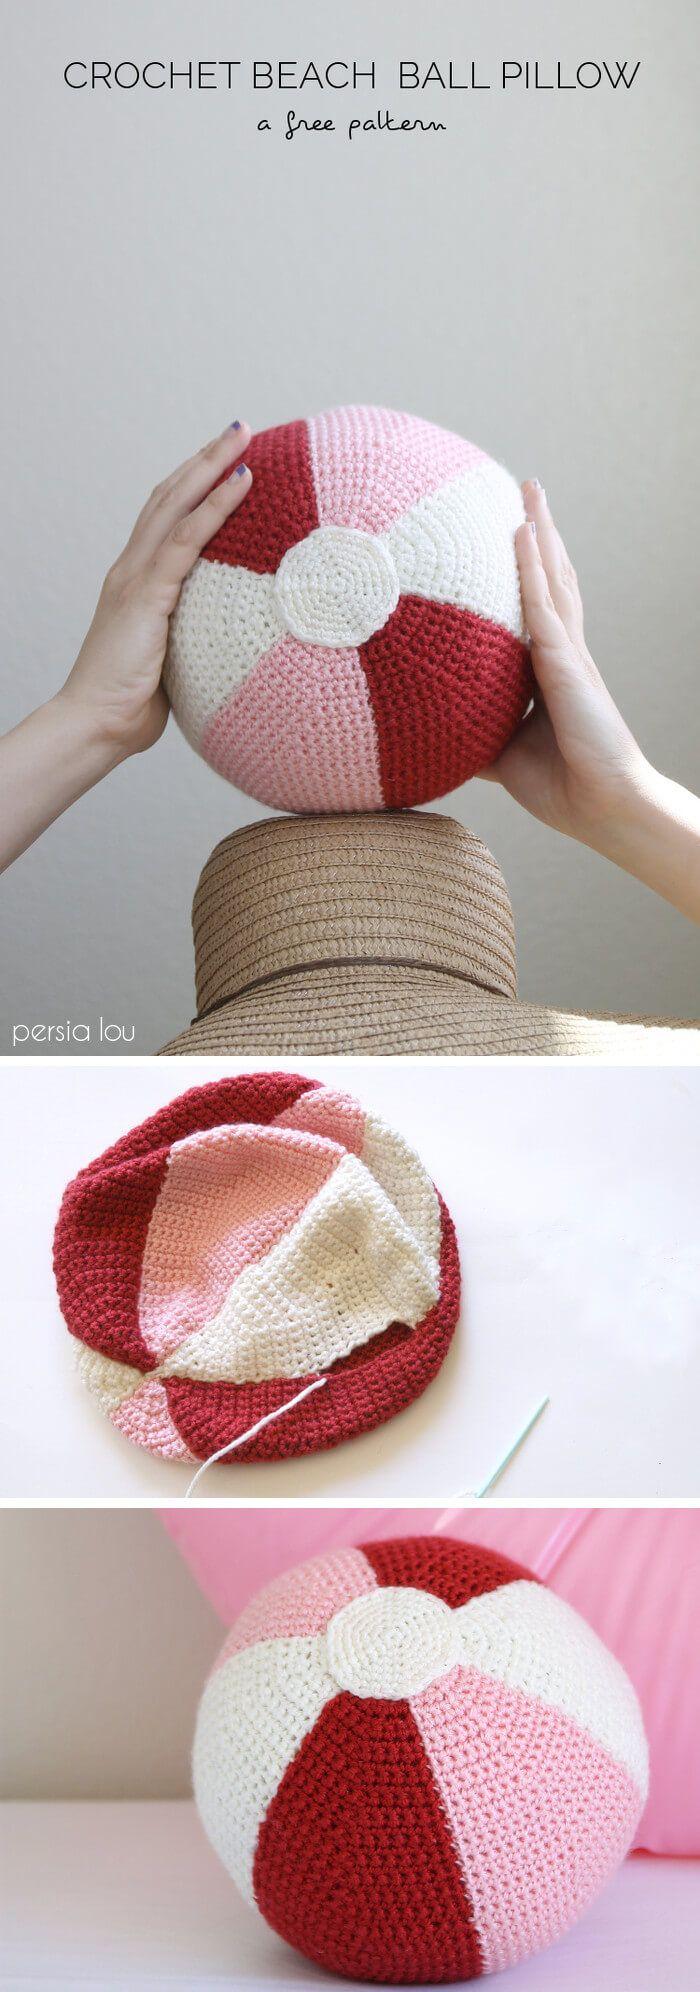 Beach Ball häkeln Kissen - kostenlose Muster | Häkeln | Pinterest ...